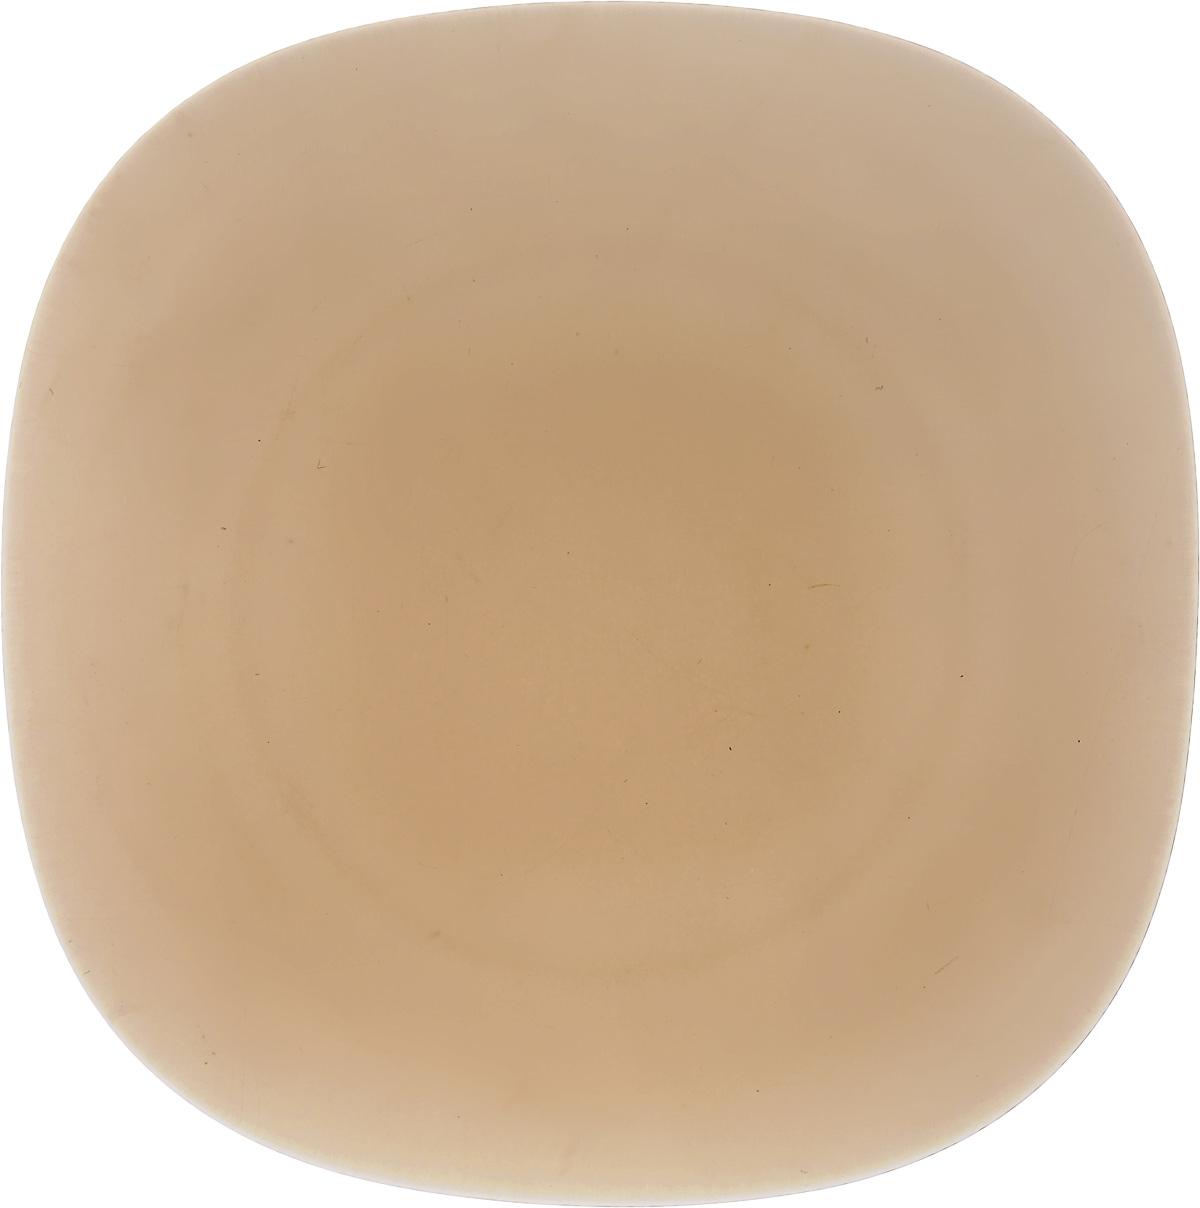 Тарелка обеденная Luminarc Carine Eclipse, 27 х 27 смH0393Обеденная тарелка Luminarc Carine Eclipse, изготовленная из высококачественного стекла, имеет изысканный внешний вид. Яркий дизайн придется по вкусу и ценителям классики, и тем, кто предпочитает утонченность. Тарелка Luminarc Carine Eclipse идеально подойдет для сервировки вторых блюд из птицы, рыбы, мяса или овощей, а также станет отличным подарком к любому празднику. Размер тарелки (по верхнему краю): 27 х 27 см.